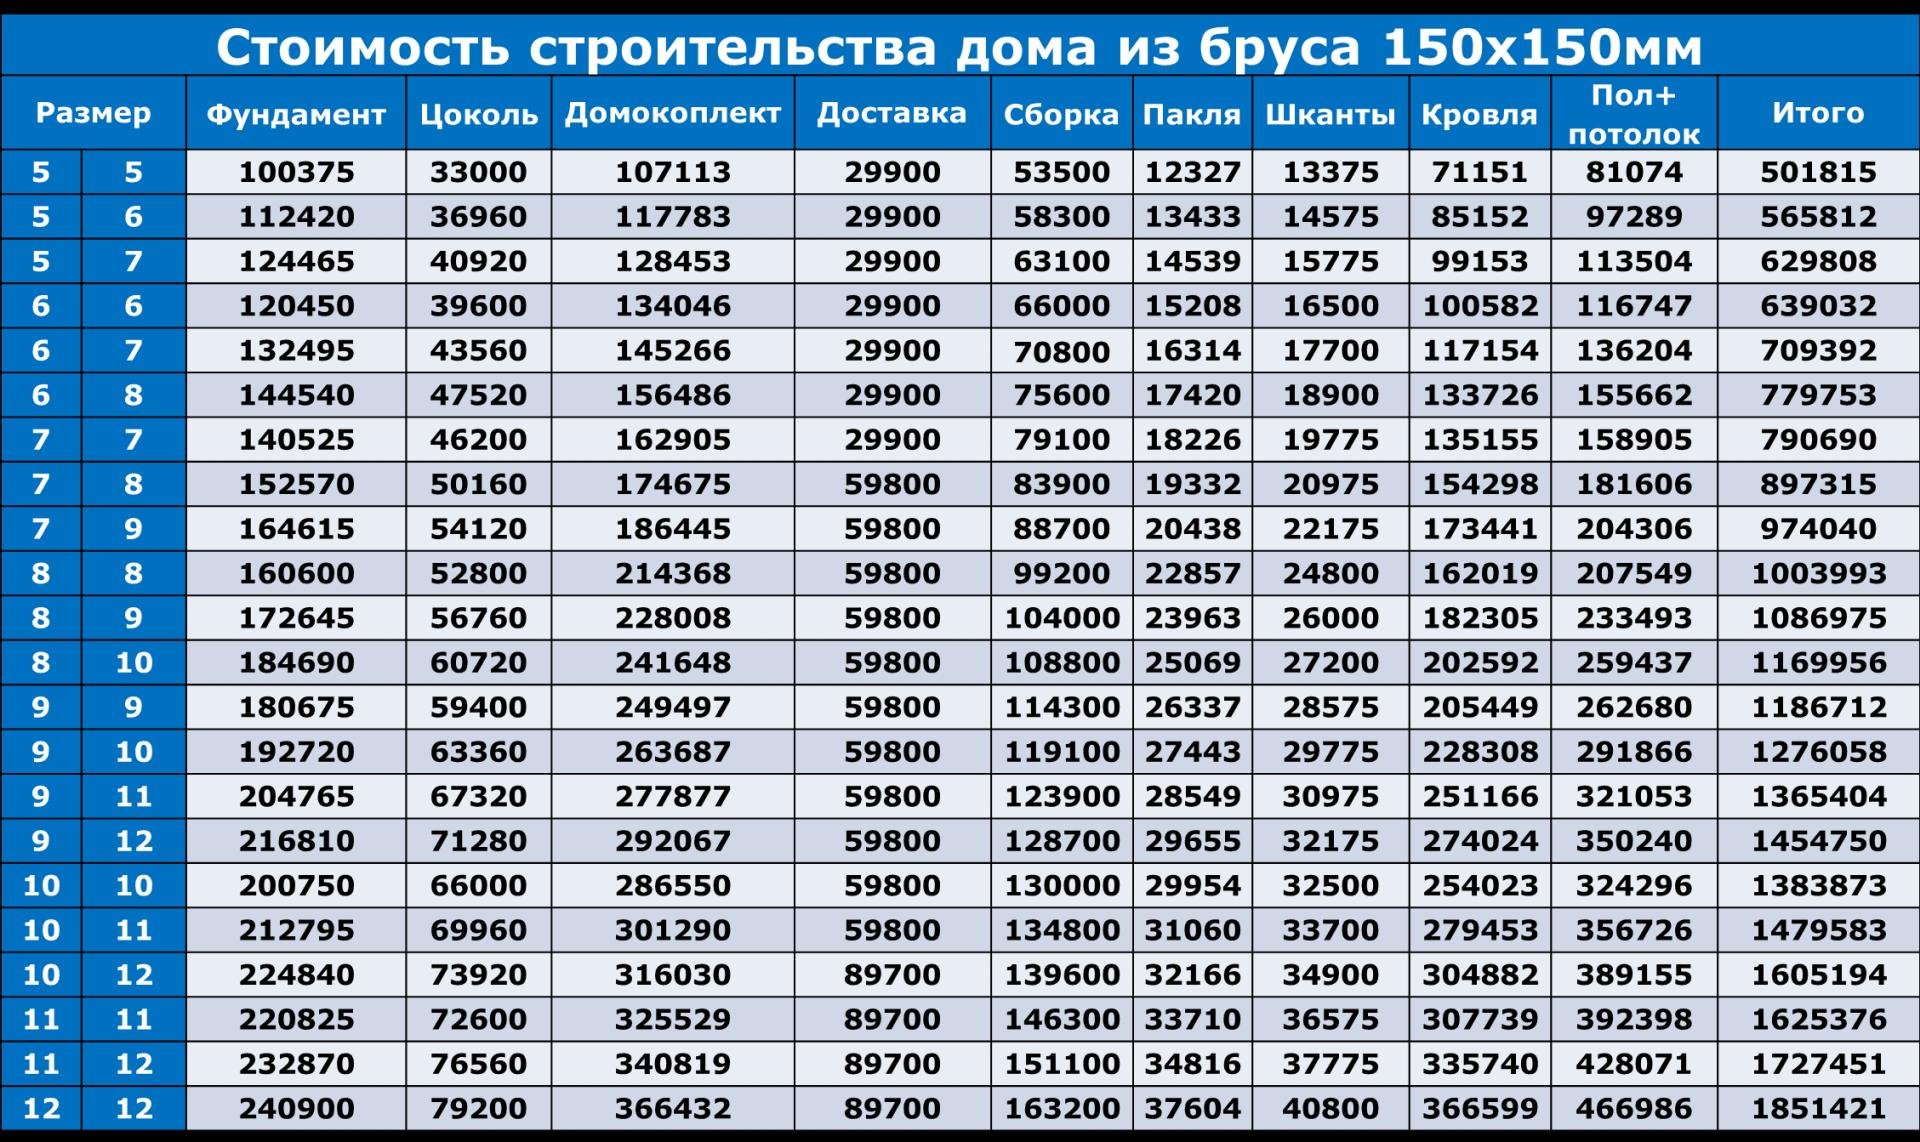 Цены на дома из бруса